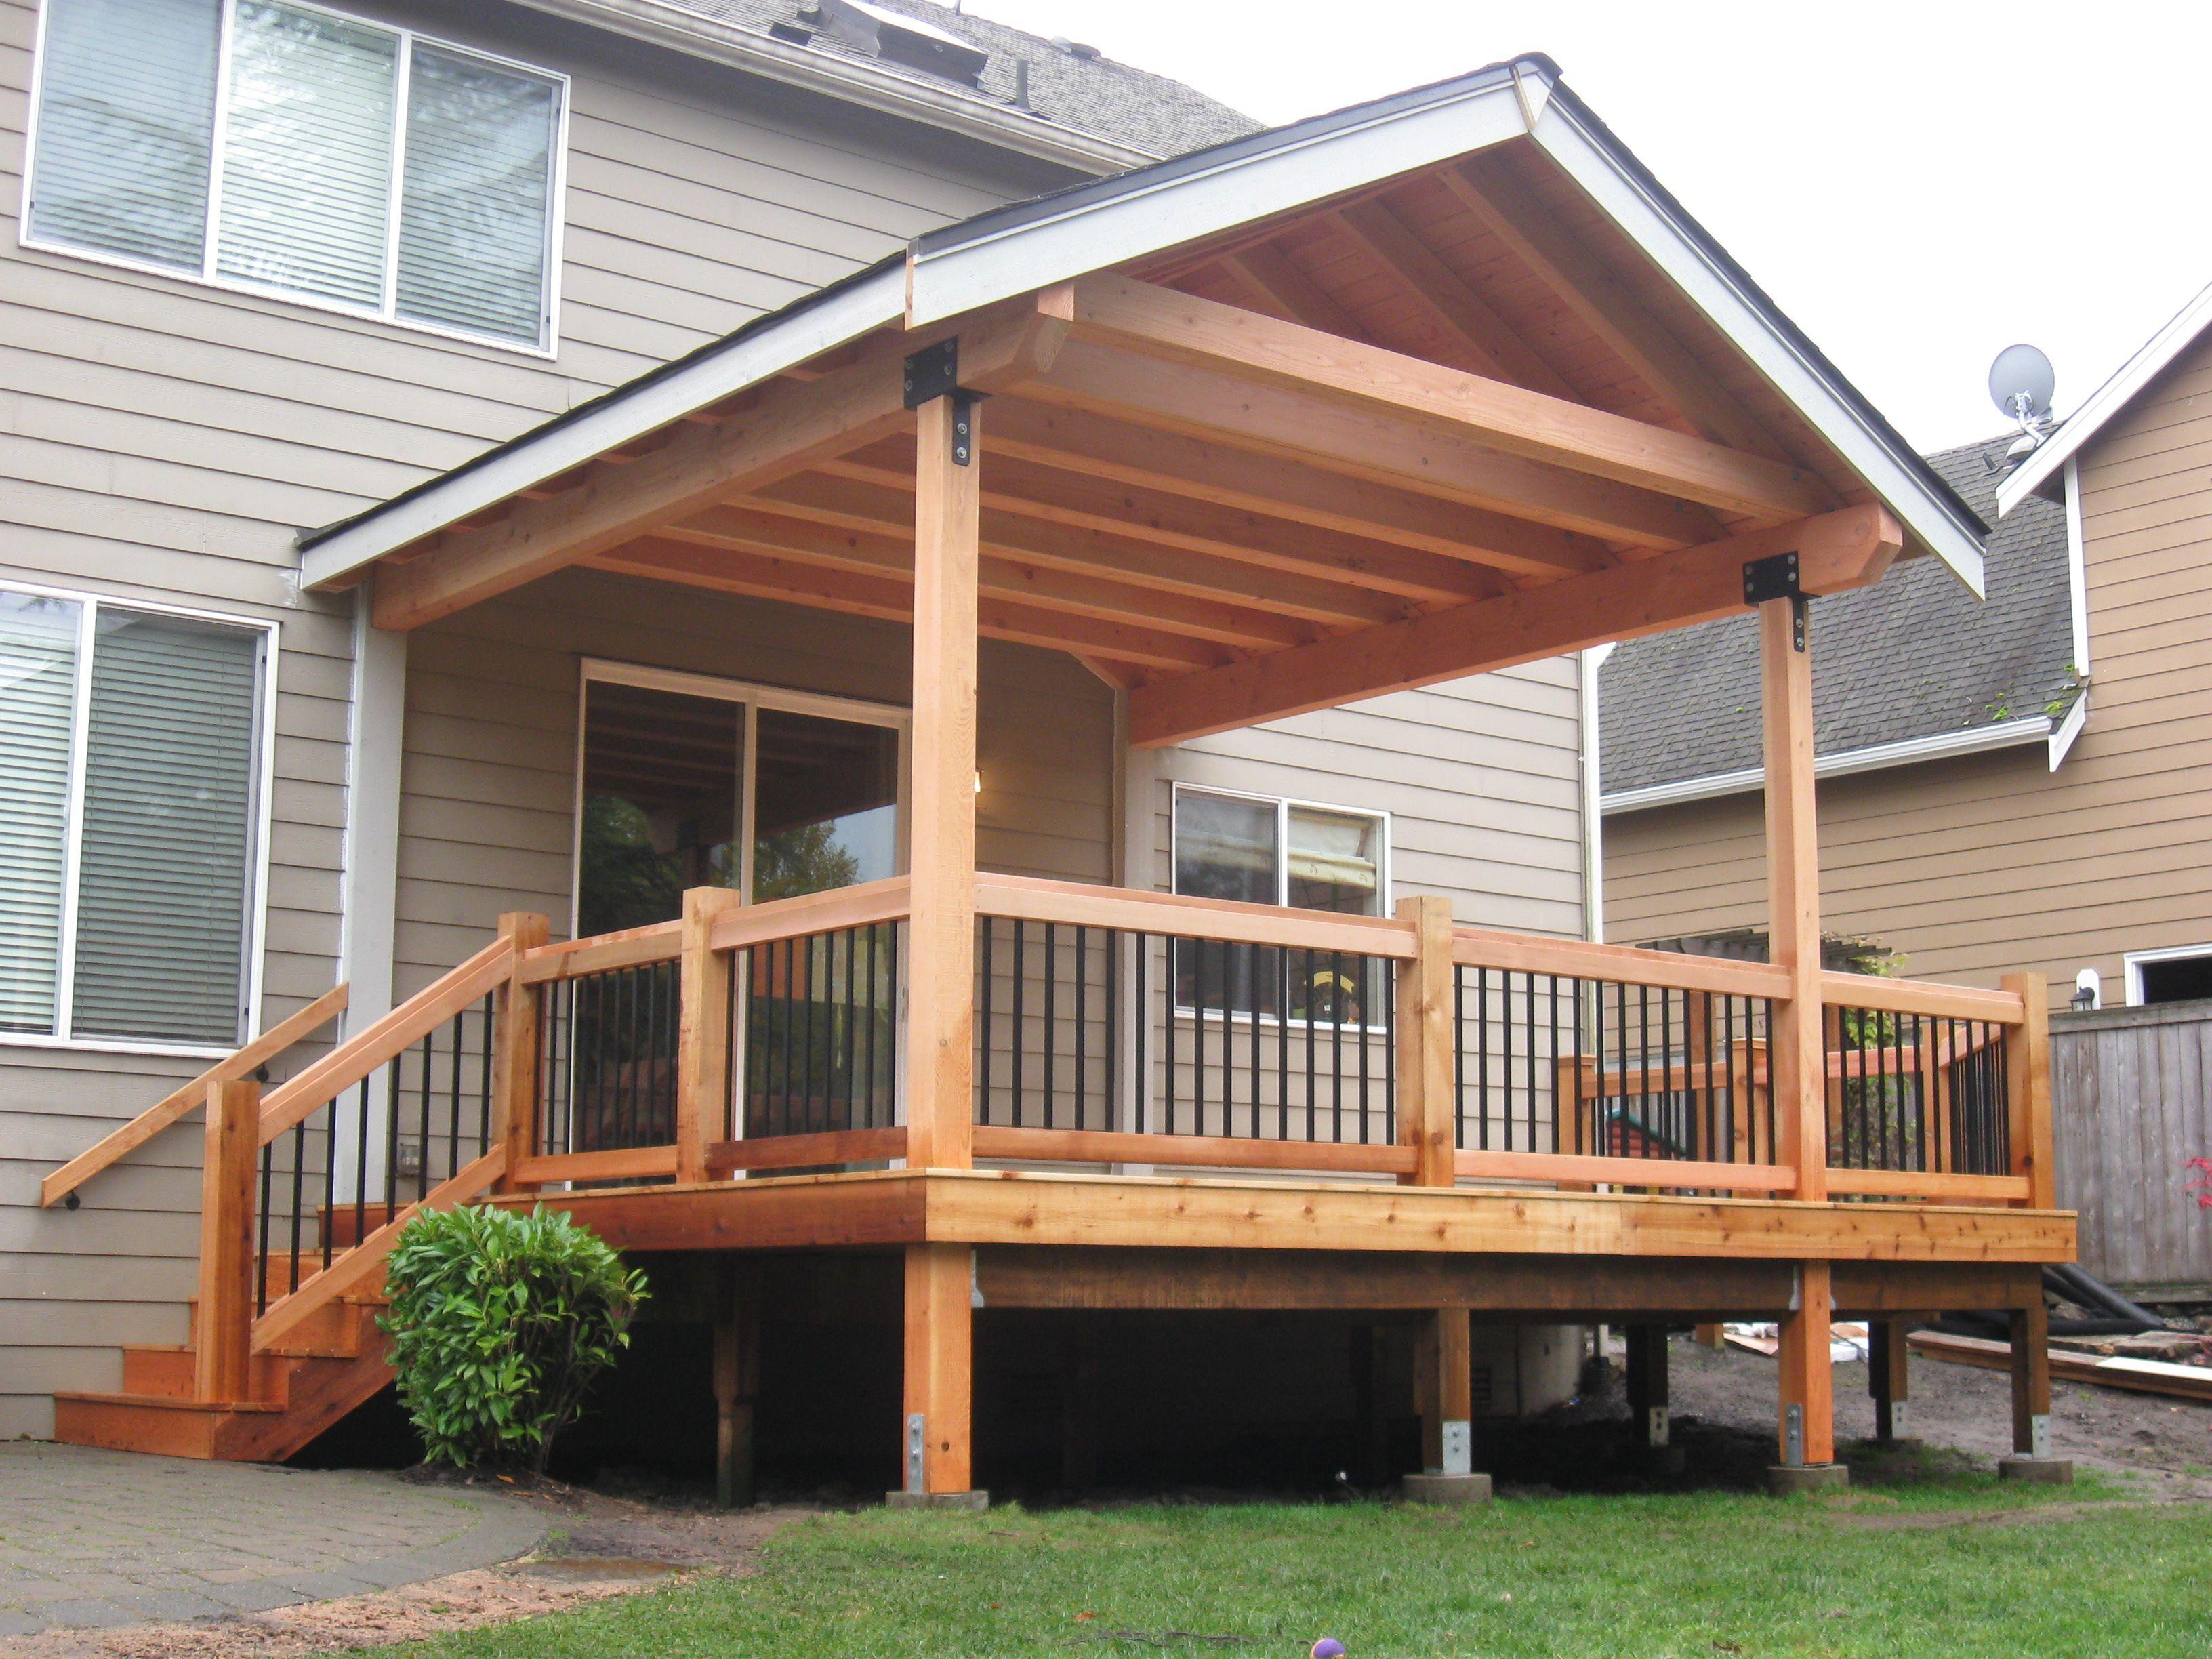 Fir Timber Framed Roof Cover Over Cedar Deck Built By Gunderson Construction Deck Designs Backyard Deck Remodel Cedar Deck